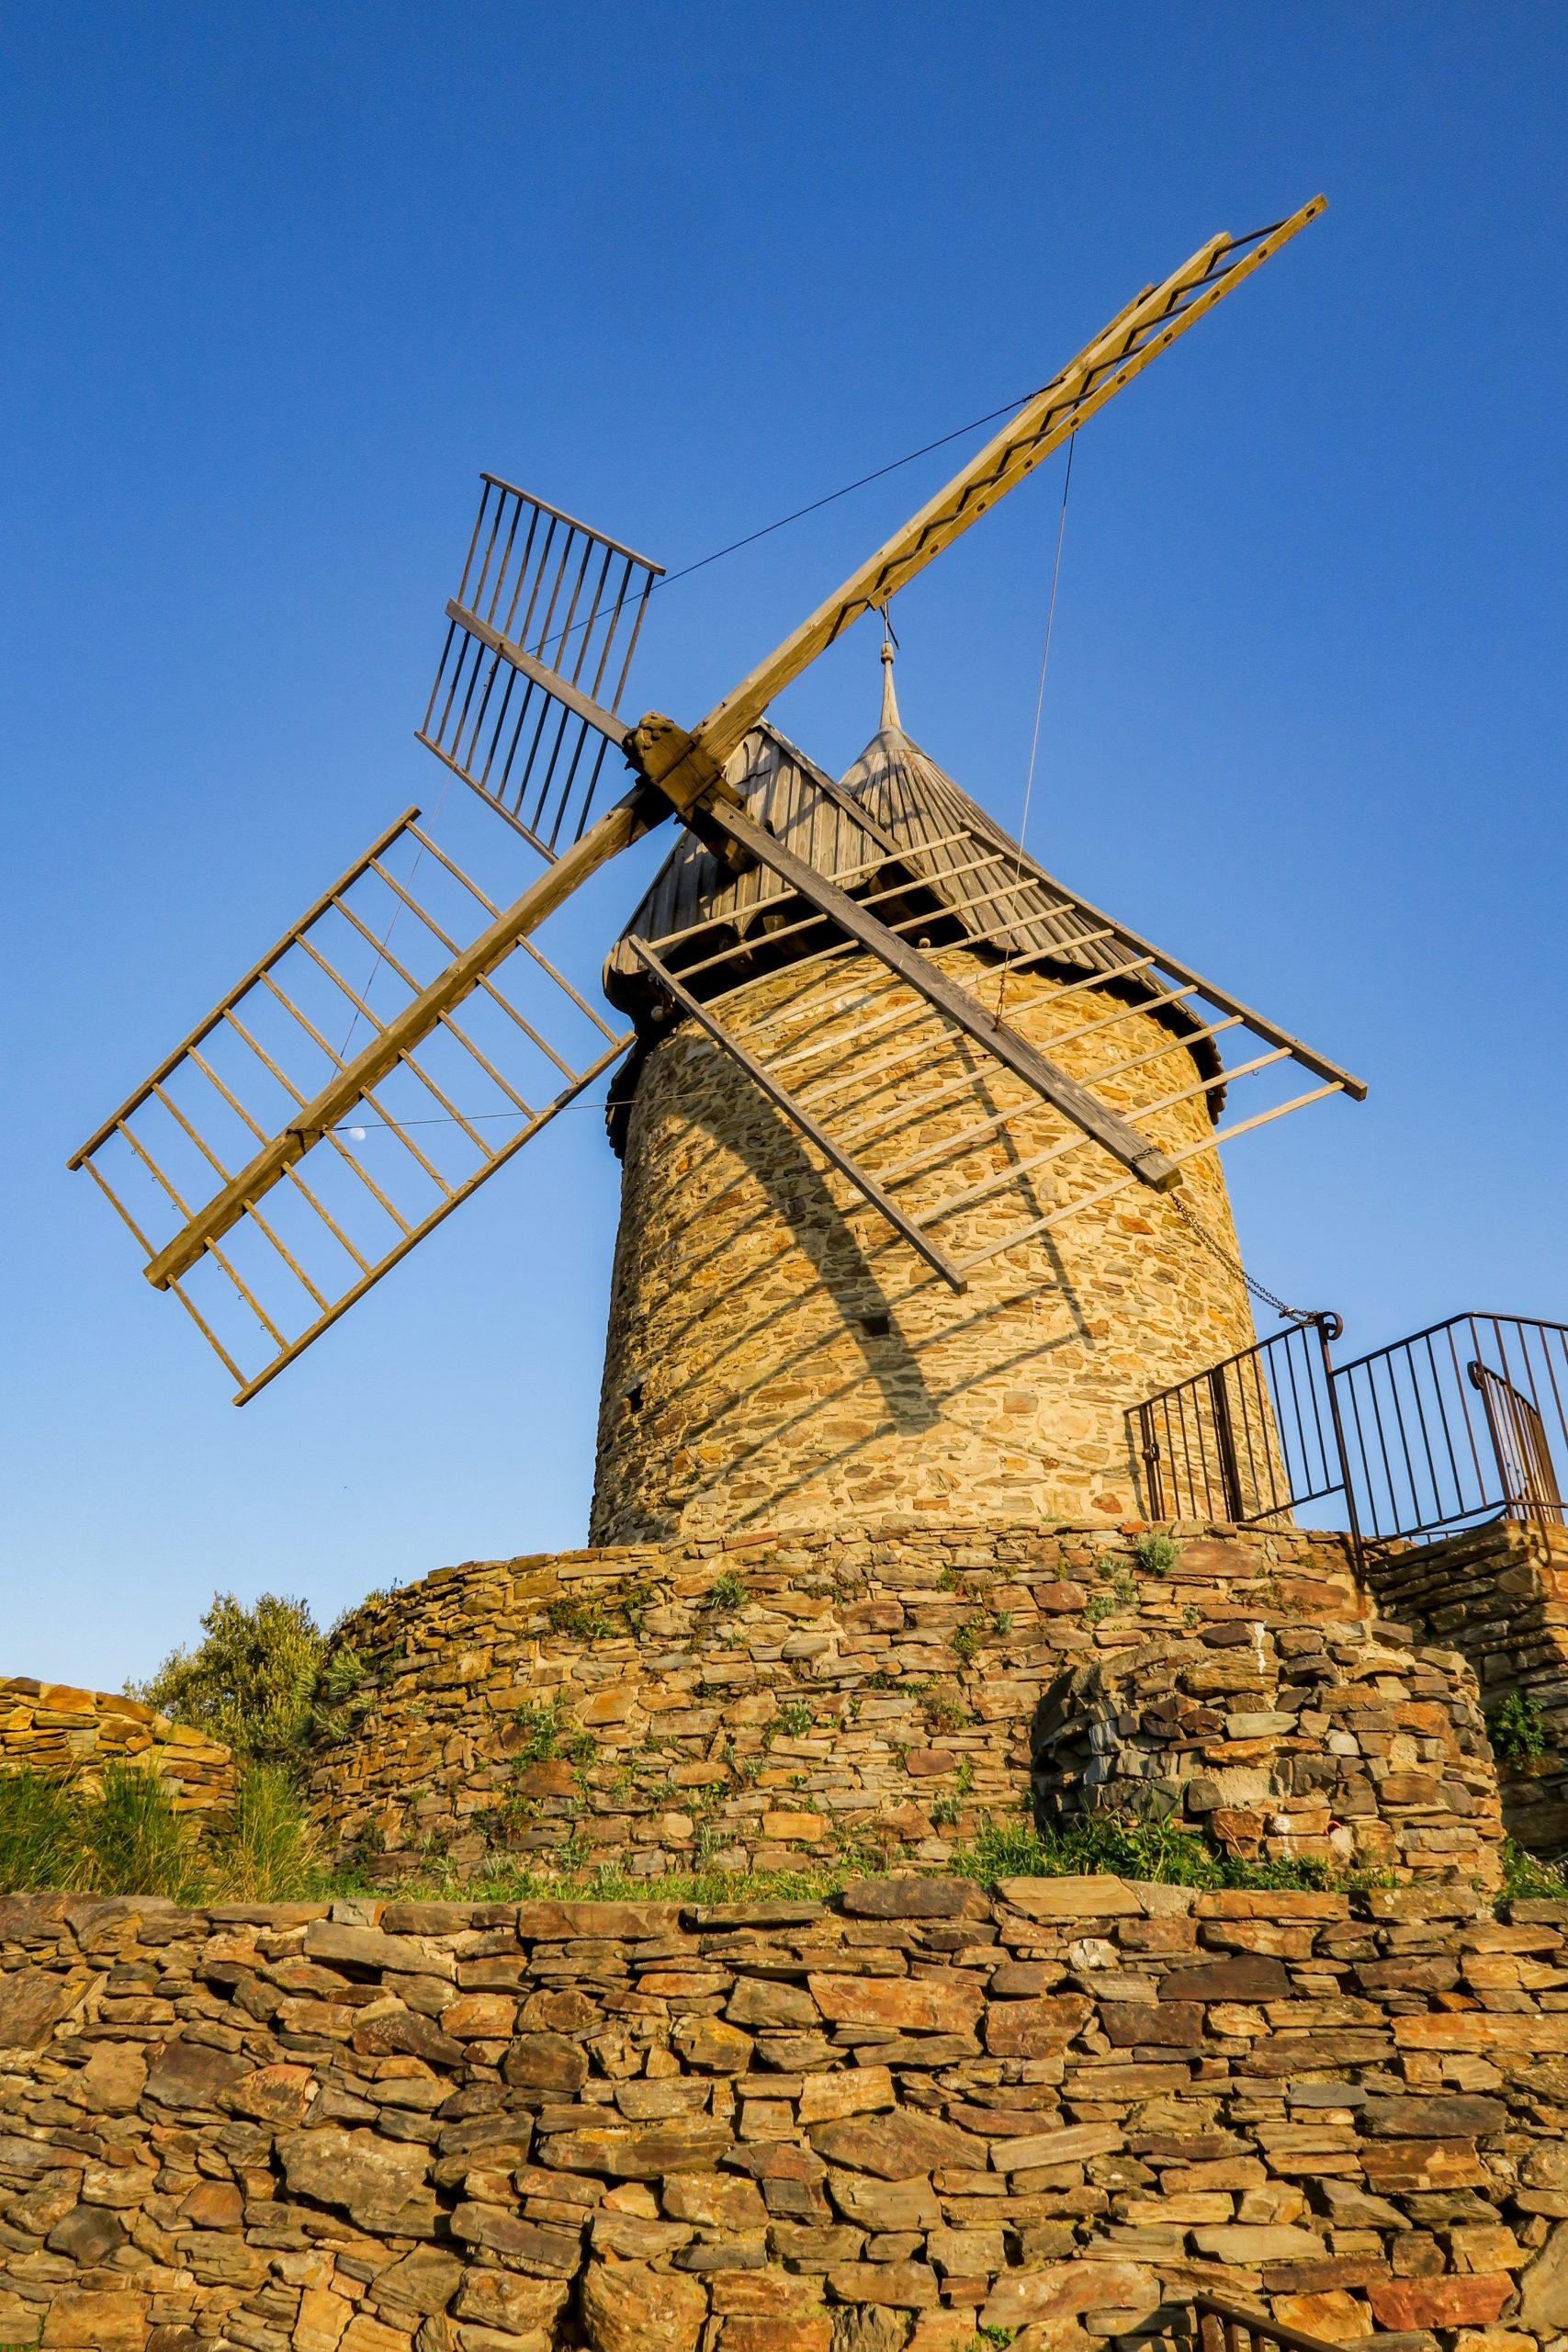 moulin de collioure